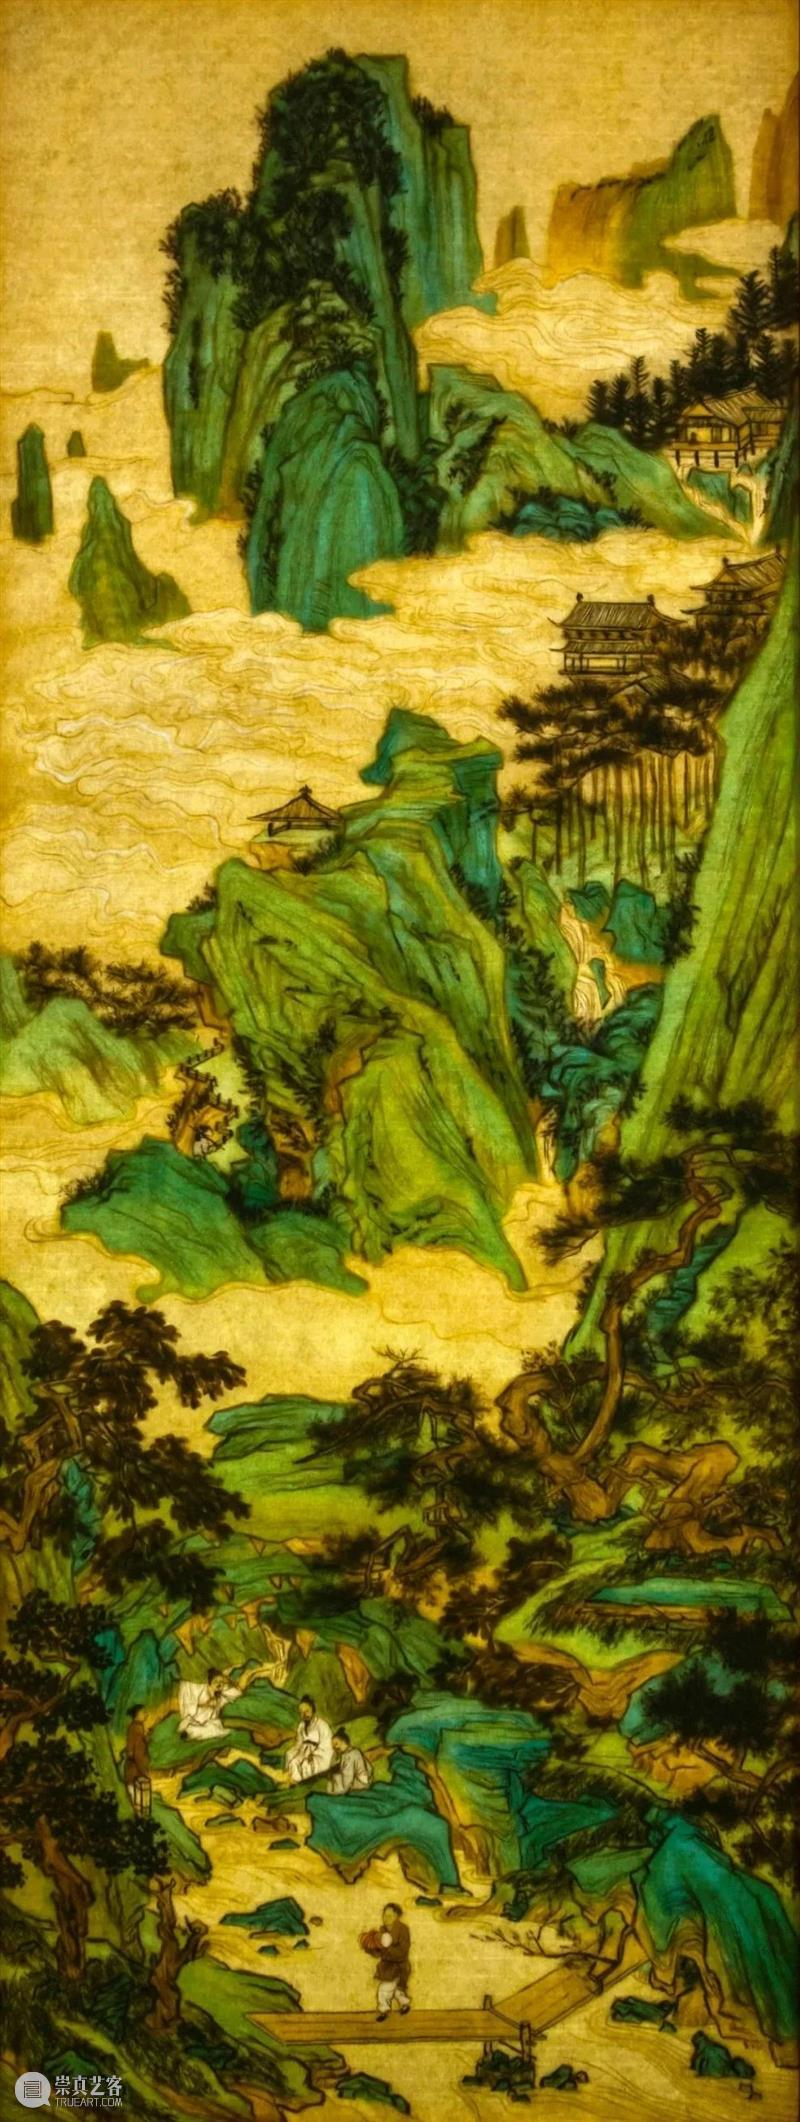 徐冰:艺术创作的动力来自于人的生命动力 徐冰 动力 生命动力 Bing 事情 艺术 灵感 来源 系统 社会 崇真艺客